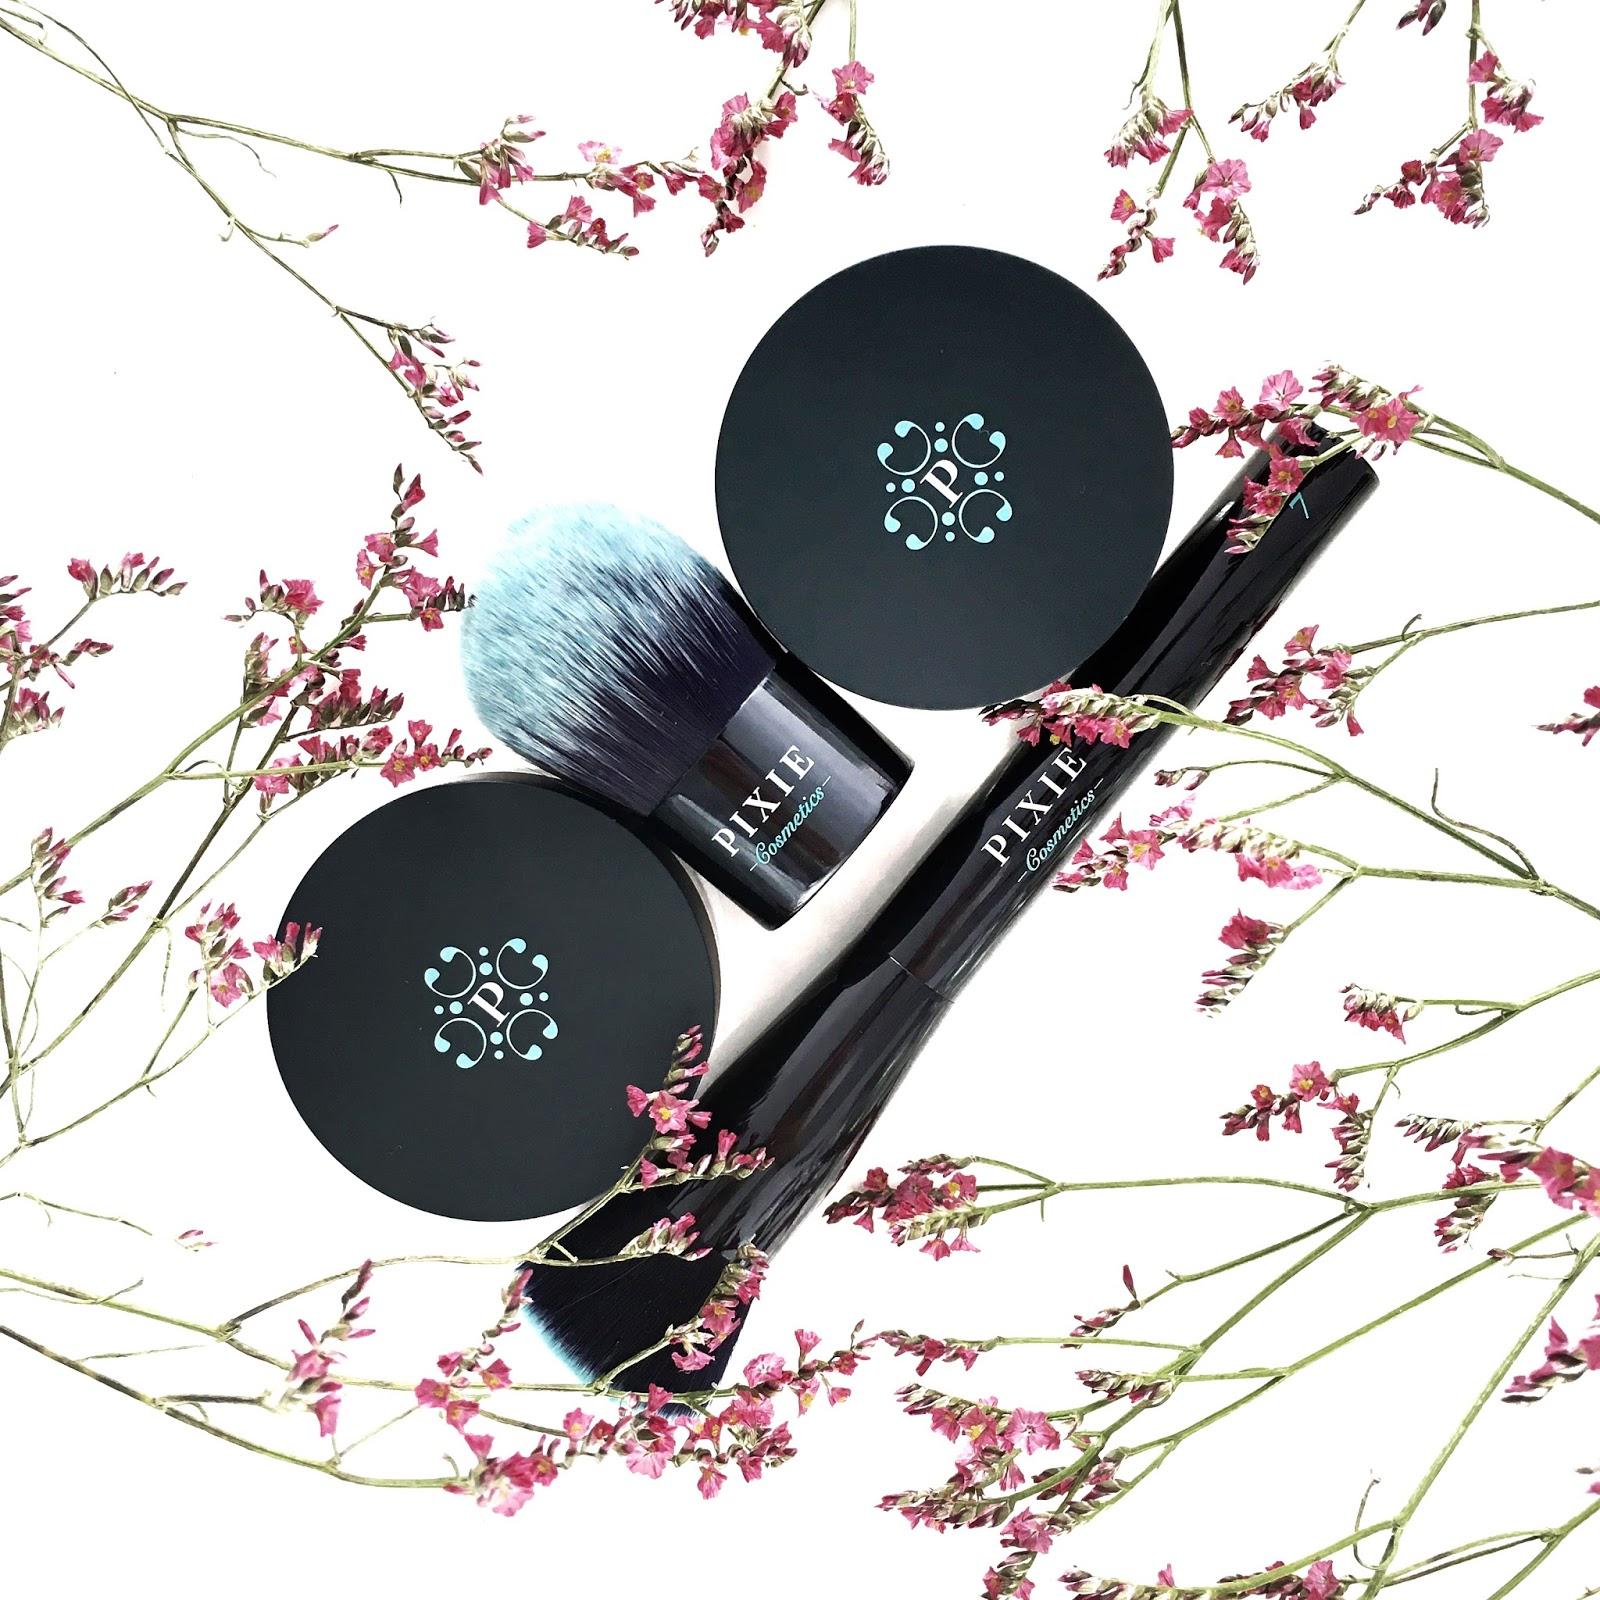 Podkłady mineralne i pędzle Pixie Cosmetics